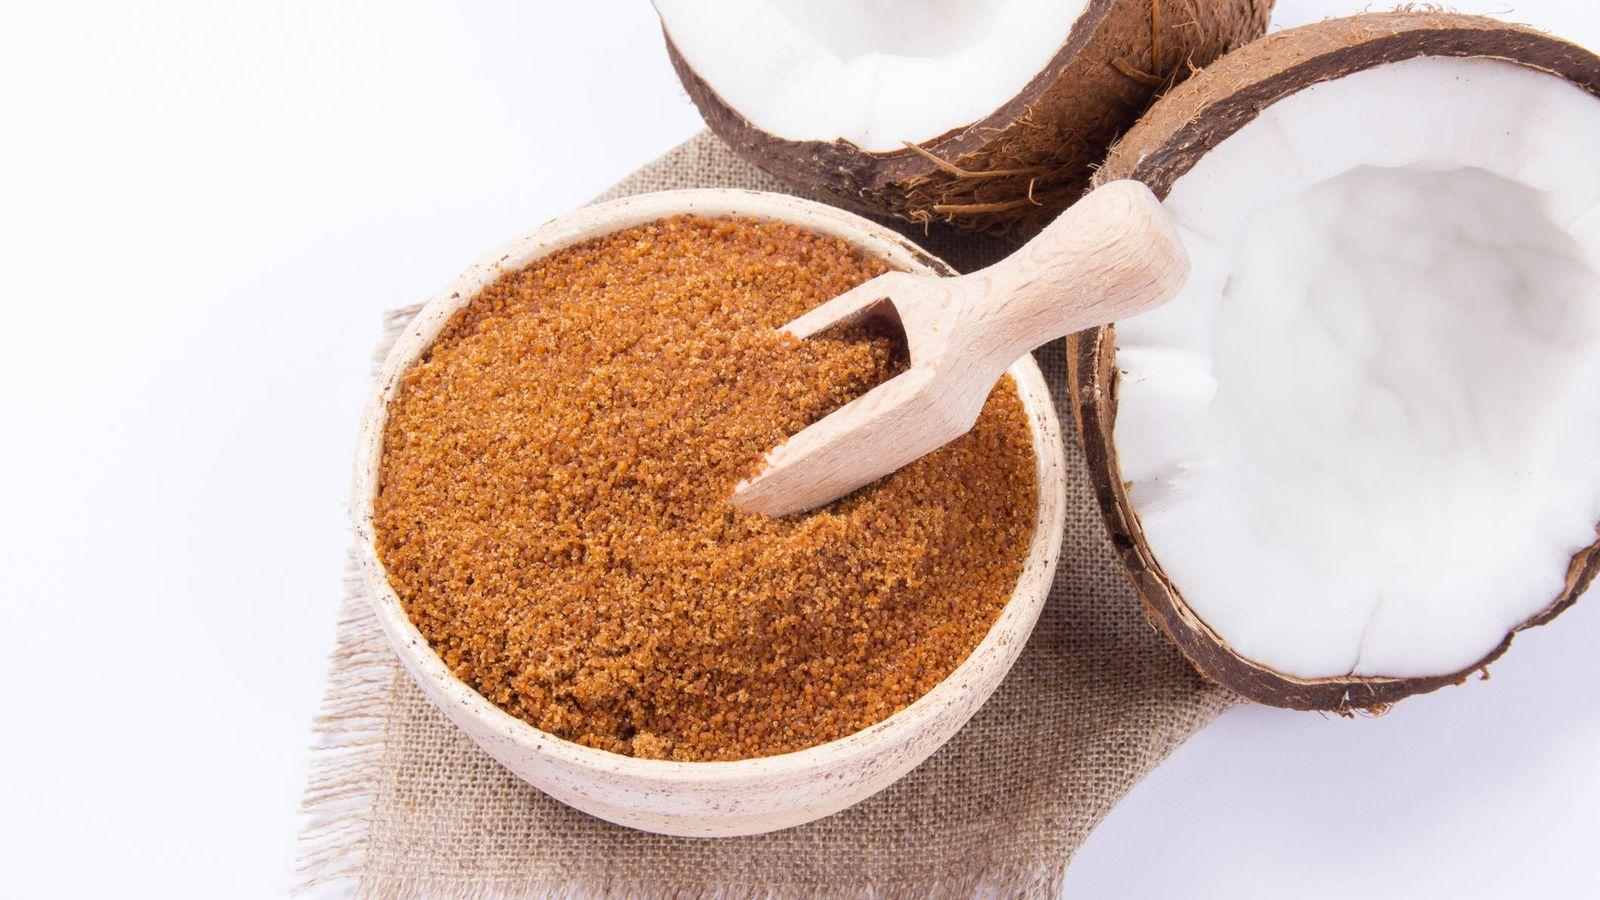 Кокосовый сахар: суровая правда об этой новой тенденции в отношении здоровья